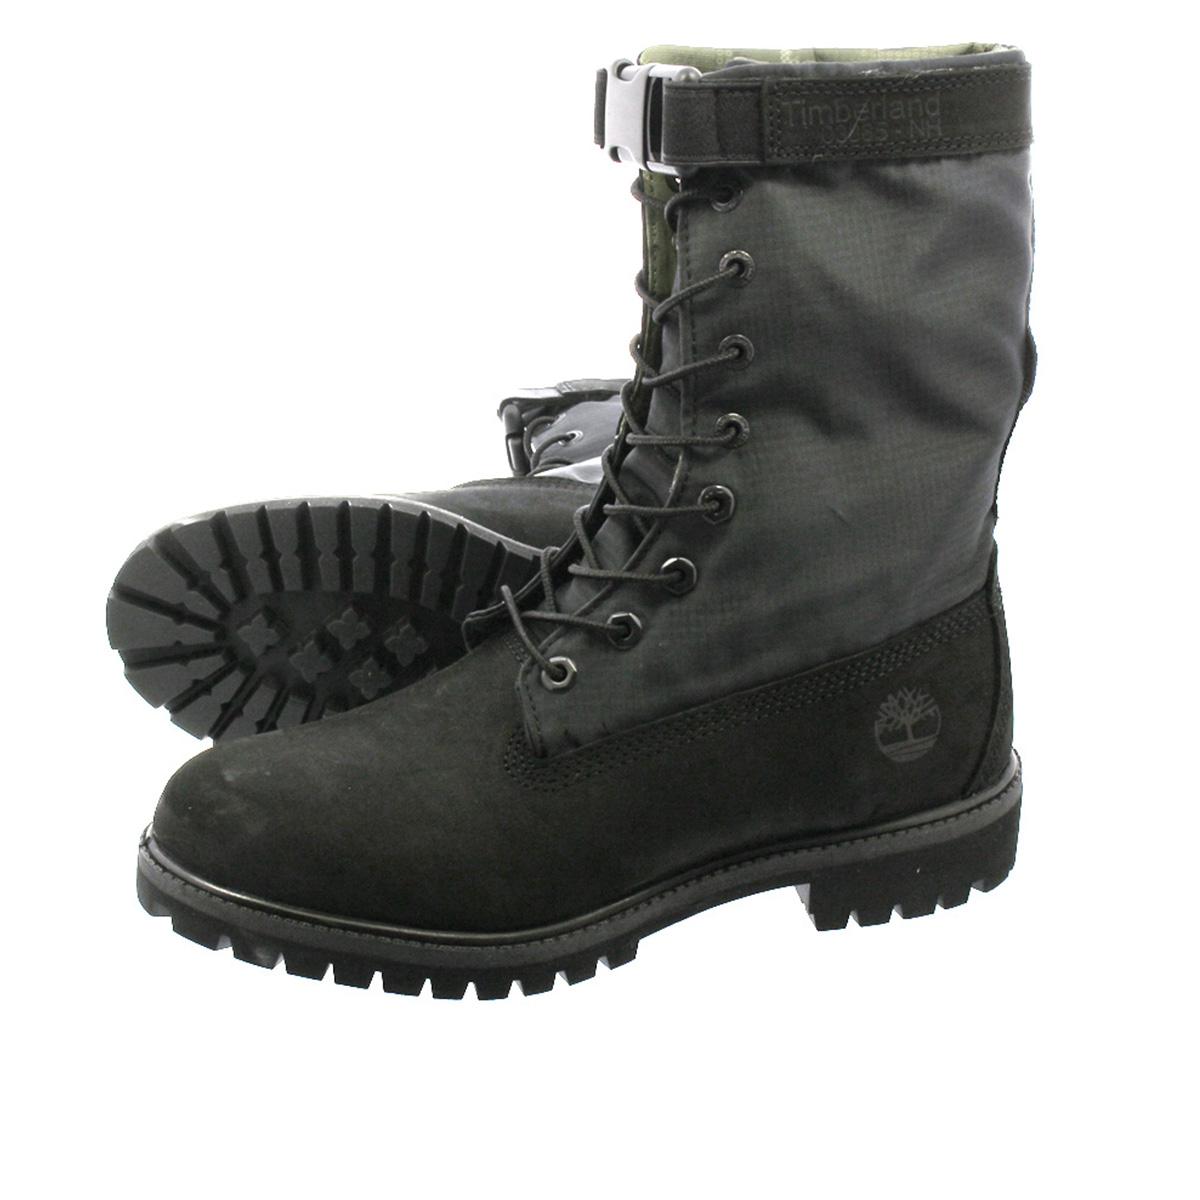 【毎日がお得!値下げプライス】 TIMBERLAND 6inch PREMIUM GAITER BOOTS ティンバーランド 6インチ プレミアム ゲイター ブーツ BLACK NUBACK a1ubp